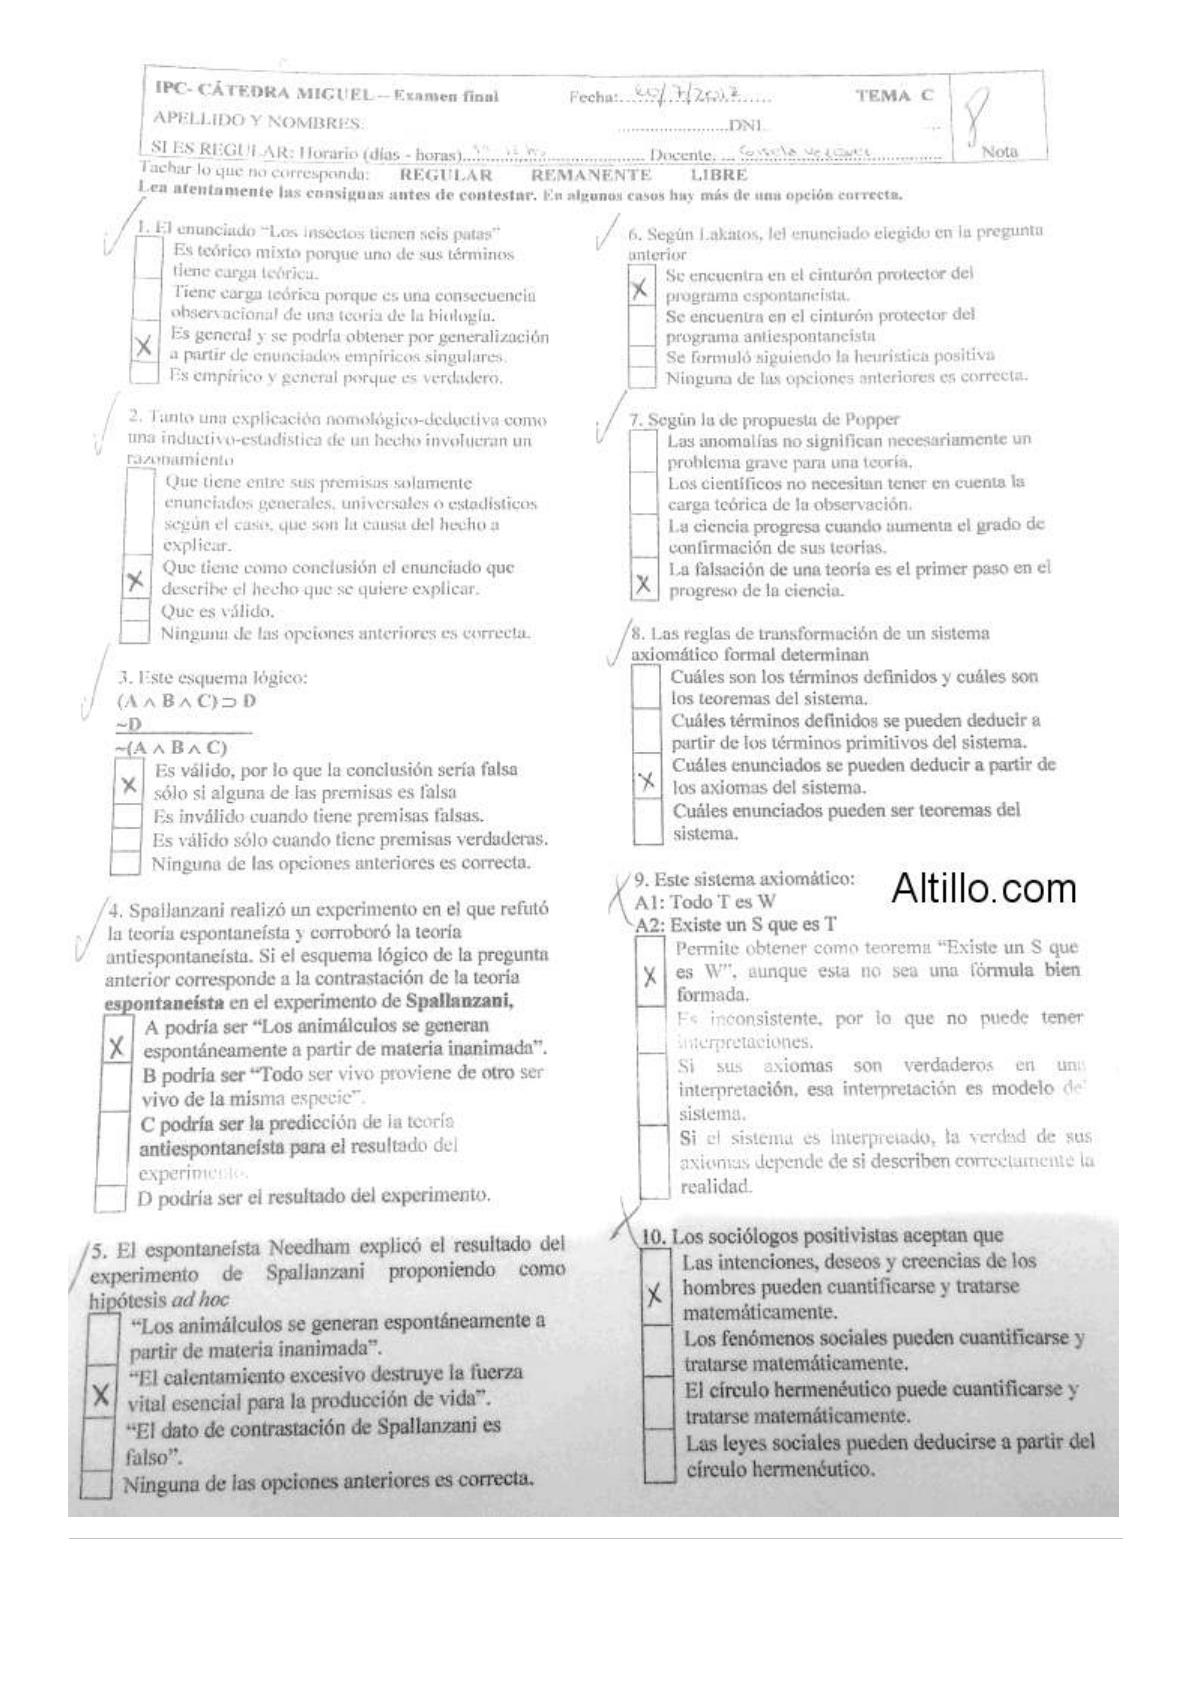 Modelo De Examen Examen Final Cátedra Miguel Ipc 40 Cbc